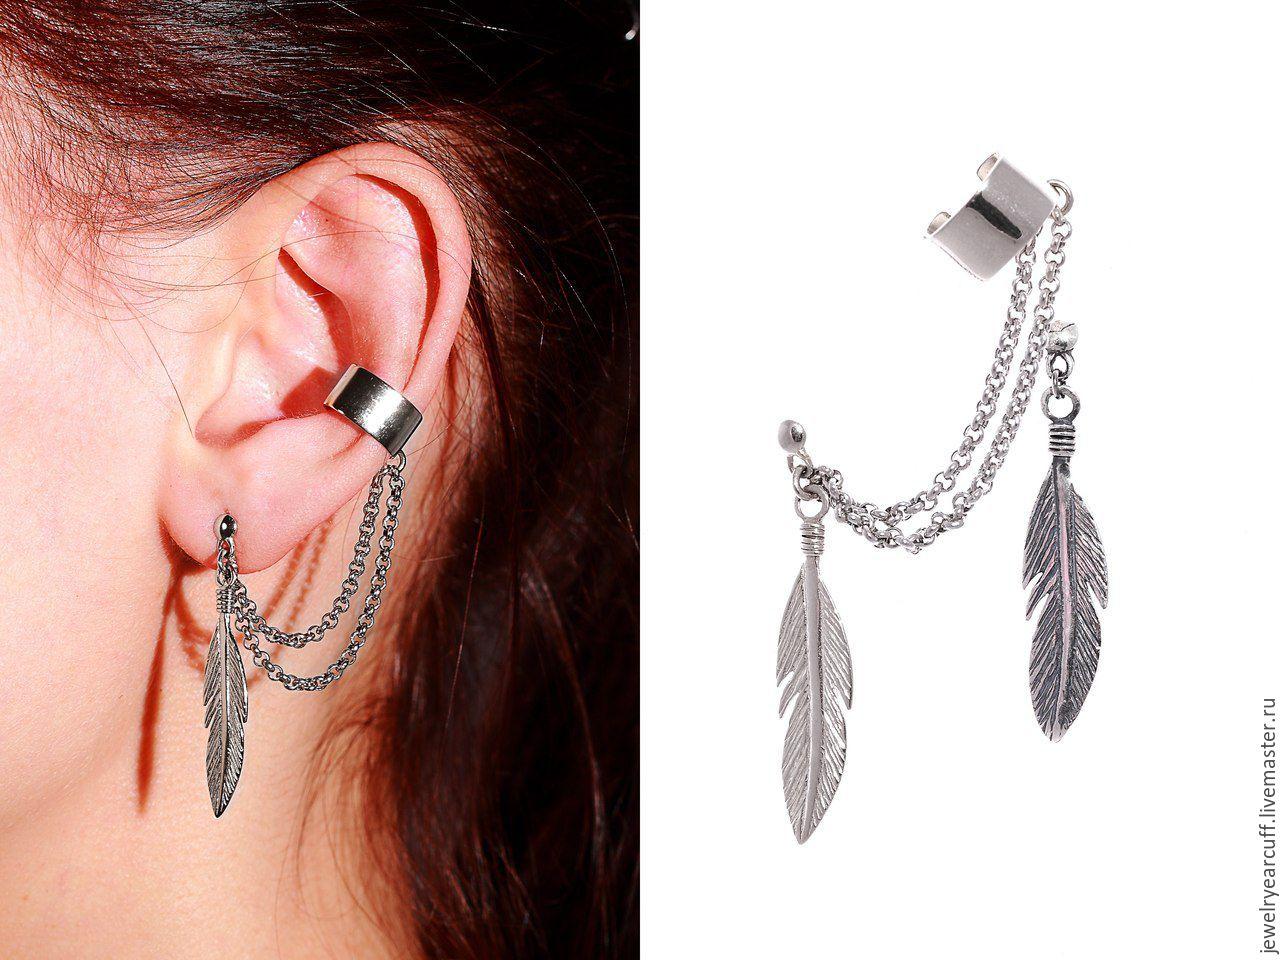 Ярмарка мастеров Ювелирные каффы из серебра 925 пробы или Ear cuff от  Stepan Vasiliev Jewelry. Ярмарка мастеров b140daee3100a